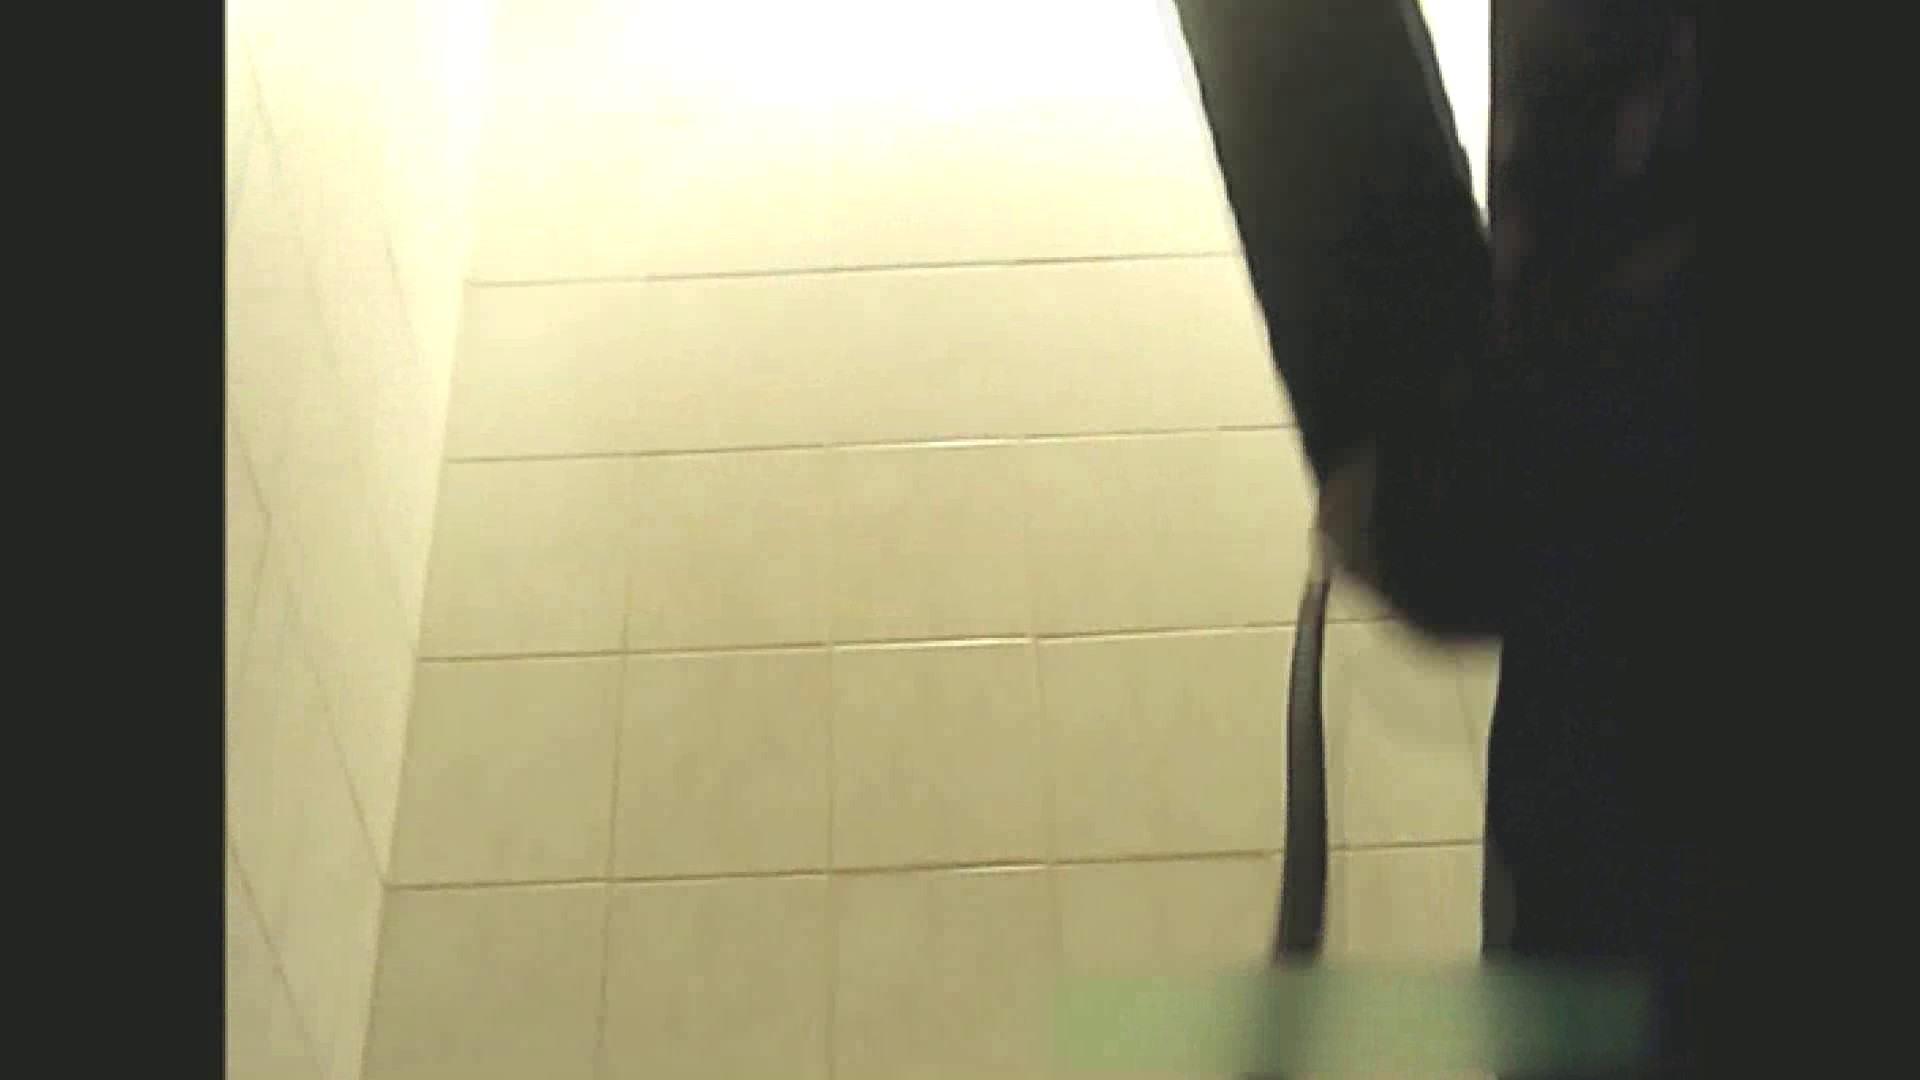 実録!!綺麗なお姉さんのトイレ事情・・・。vol.13 OLすけべ画像 盗撮動画紹介 36連発 10